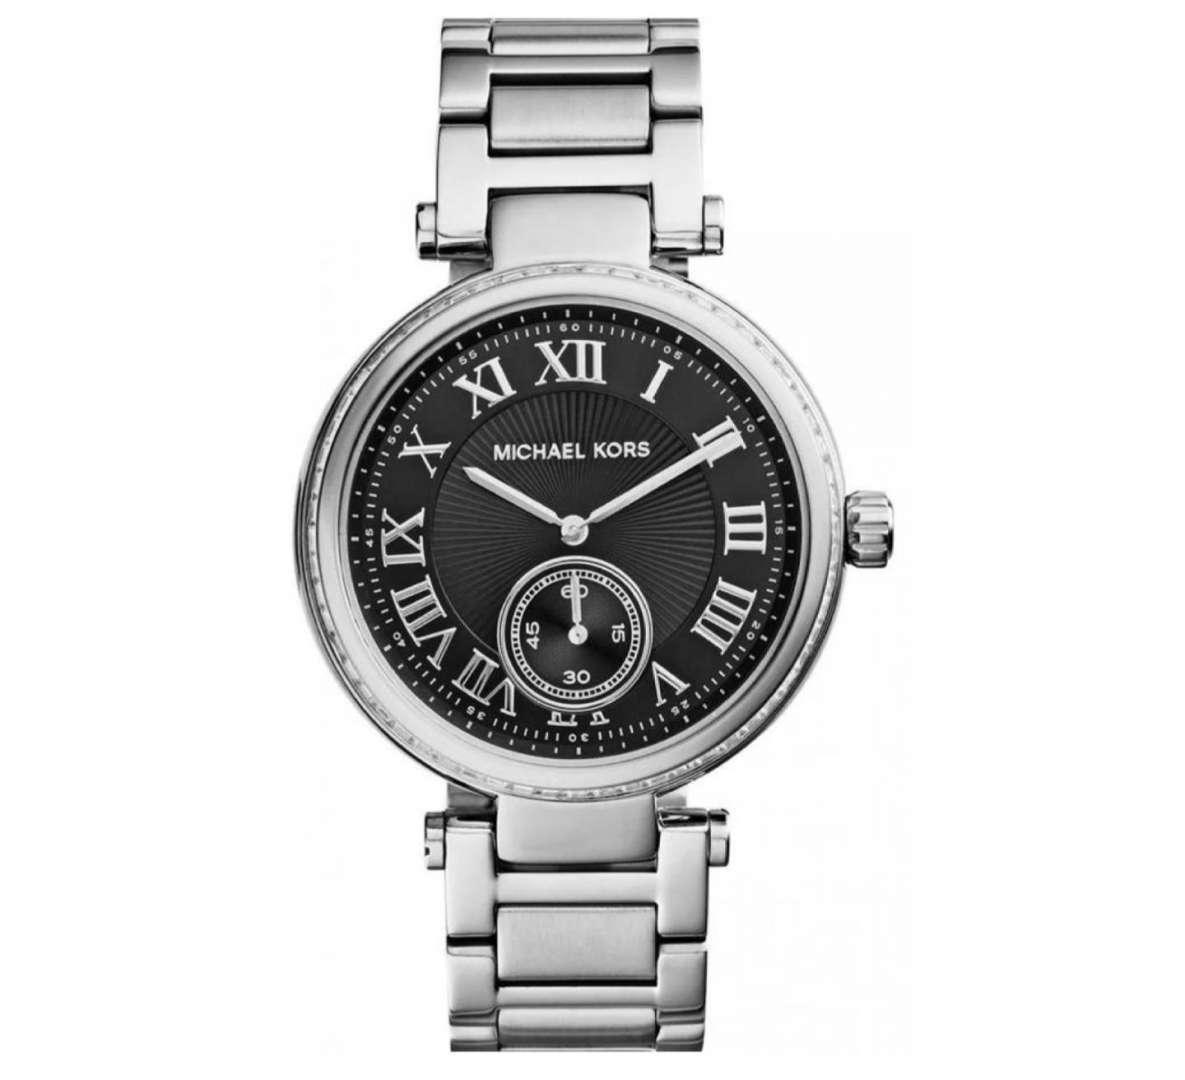 שעון יד אנלוגי לאישה michael kors mk6053 מייקל קורס